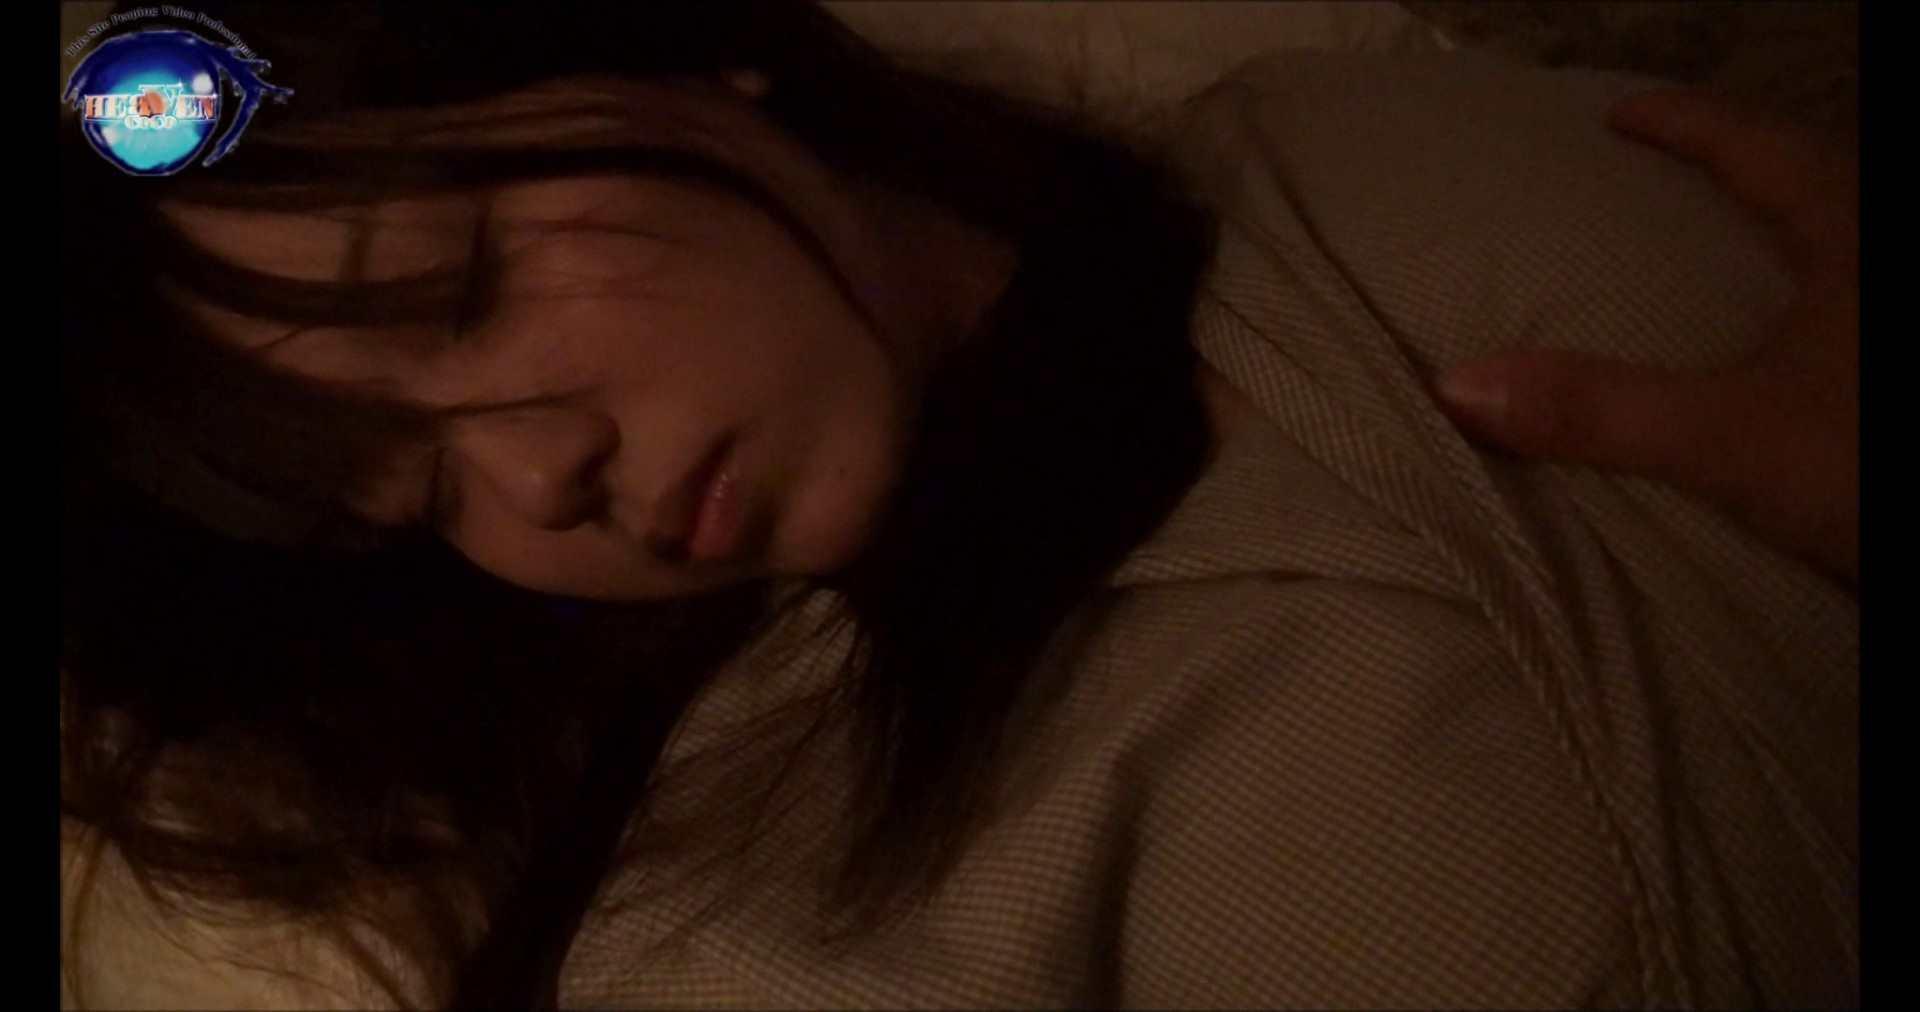 睡魔 シュウライ 第五弐話 前編 下半身 | イタズラ  104pic 55